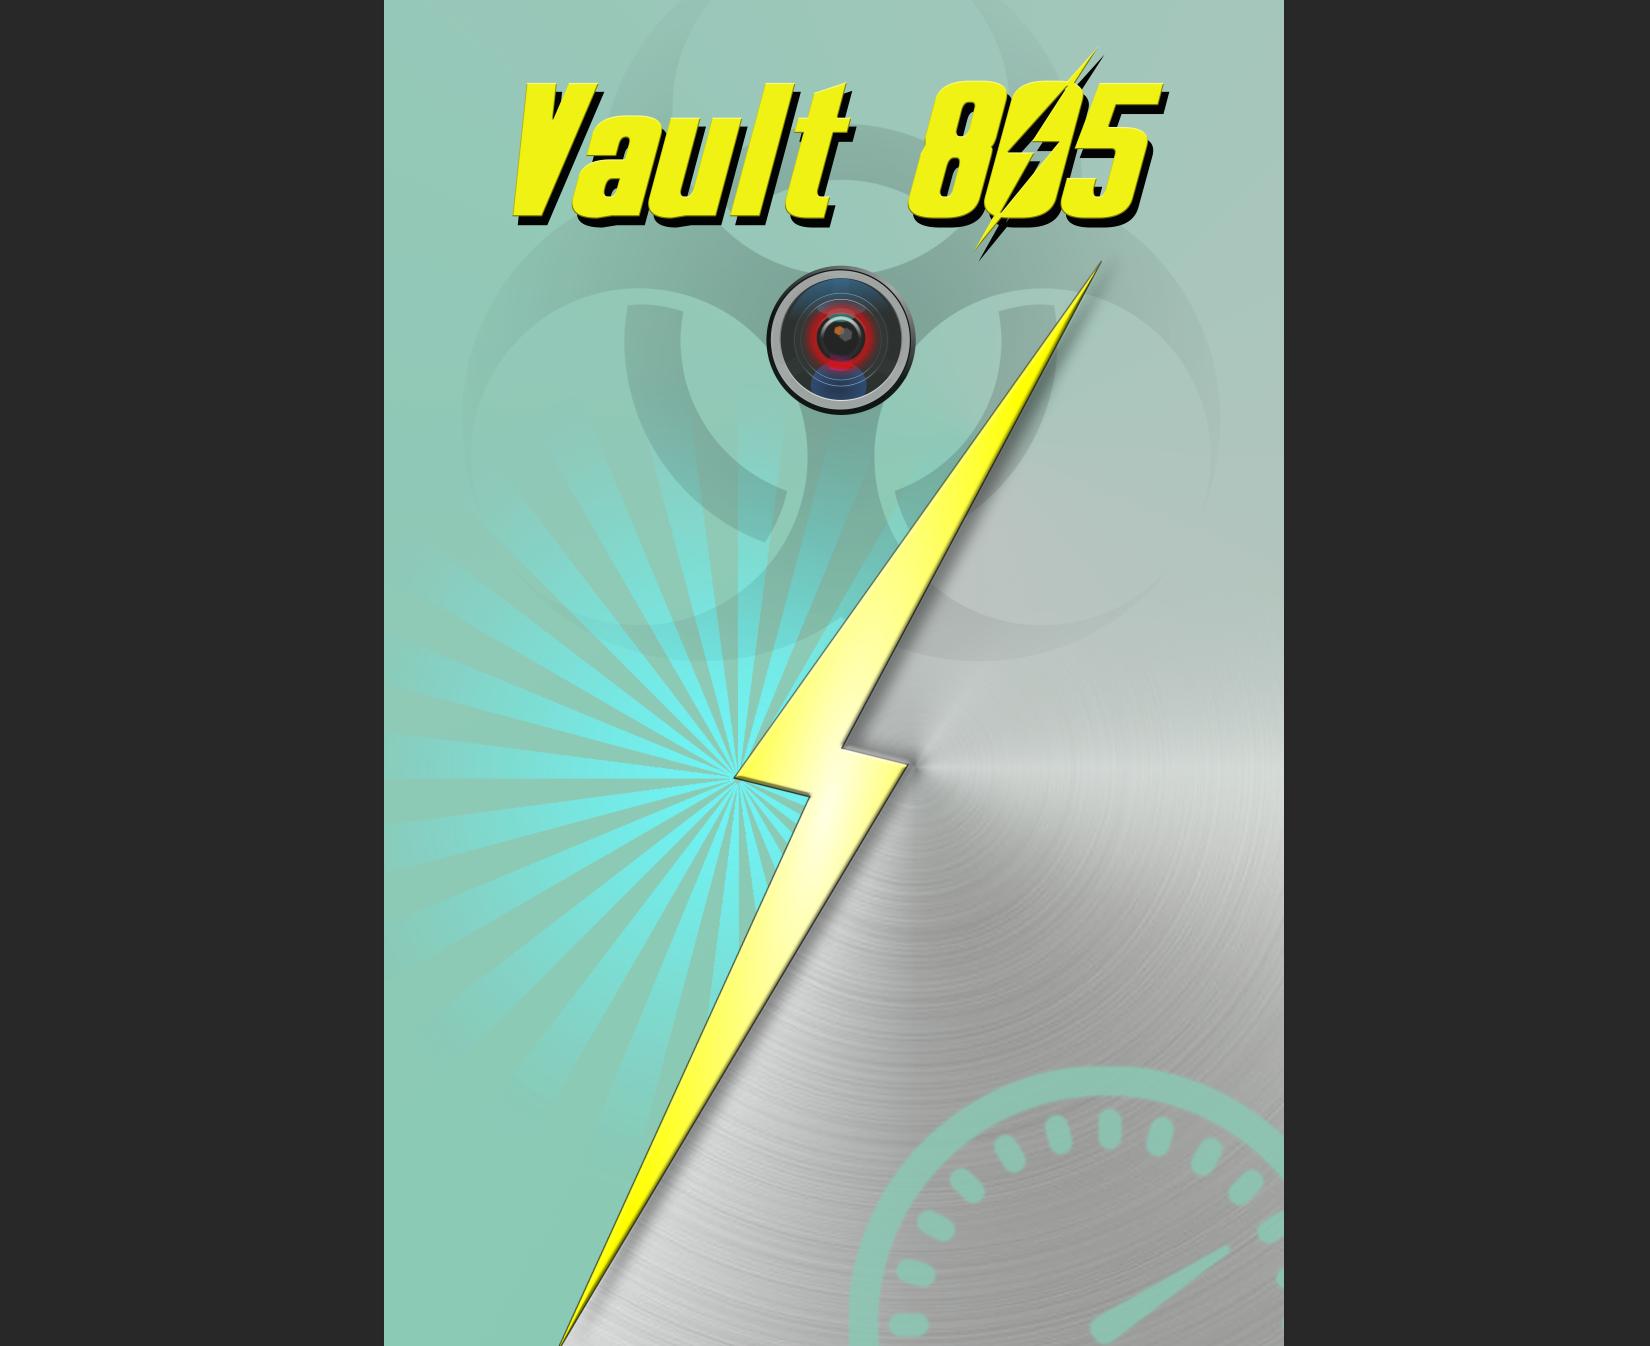 Vault 805